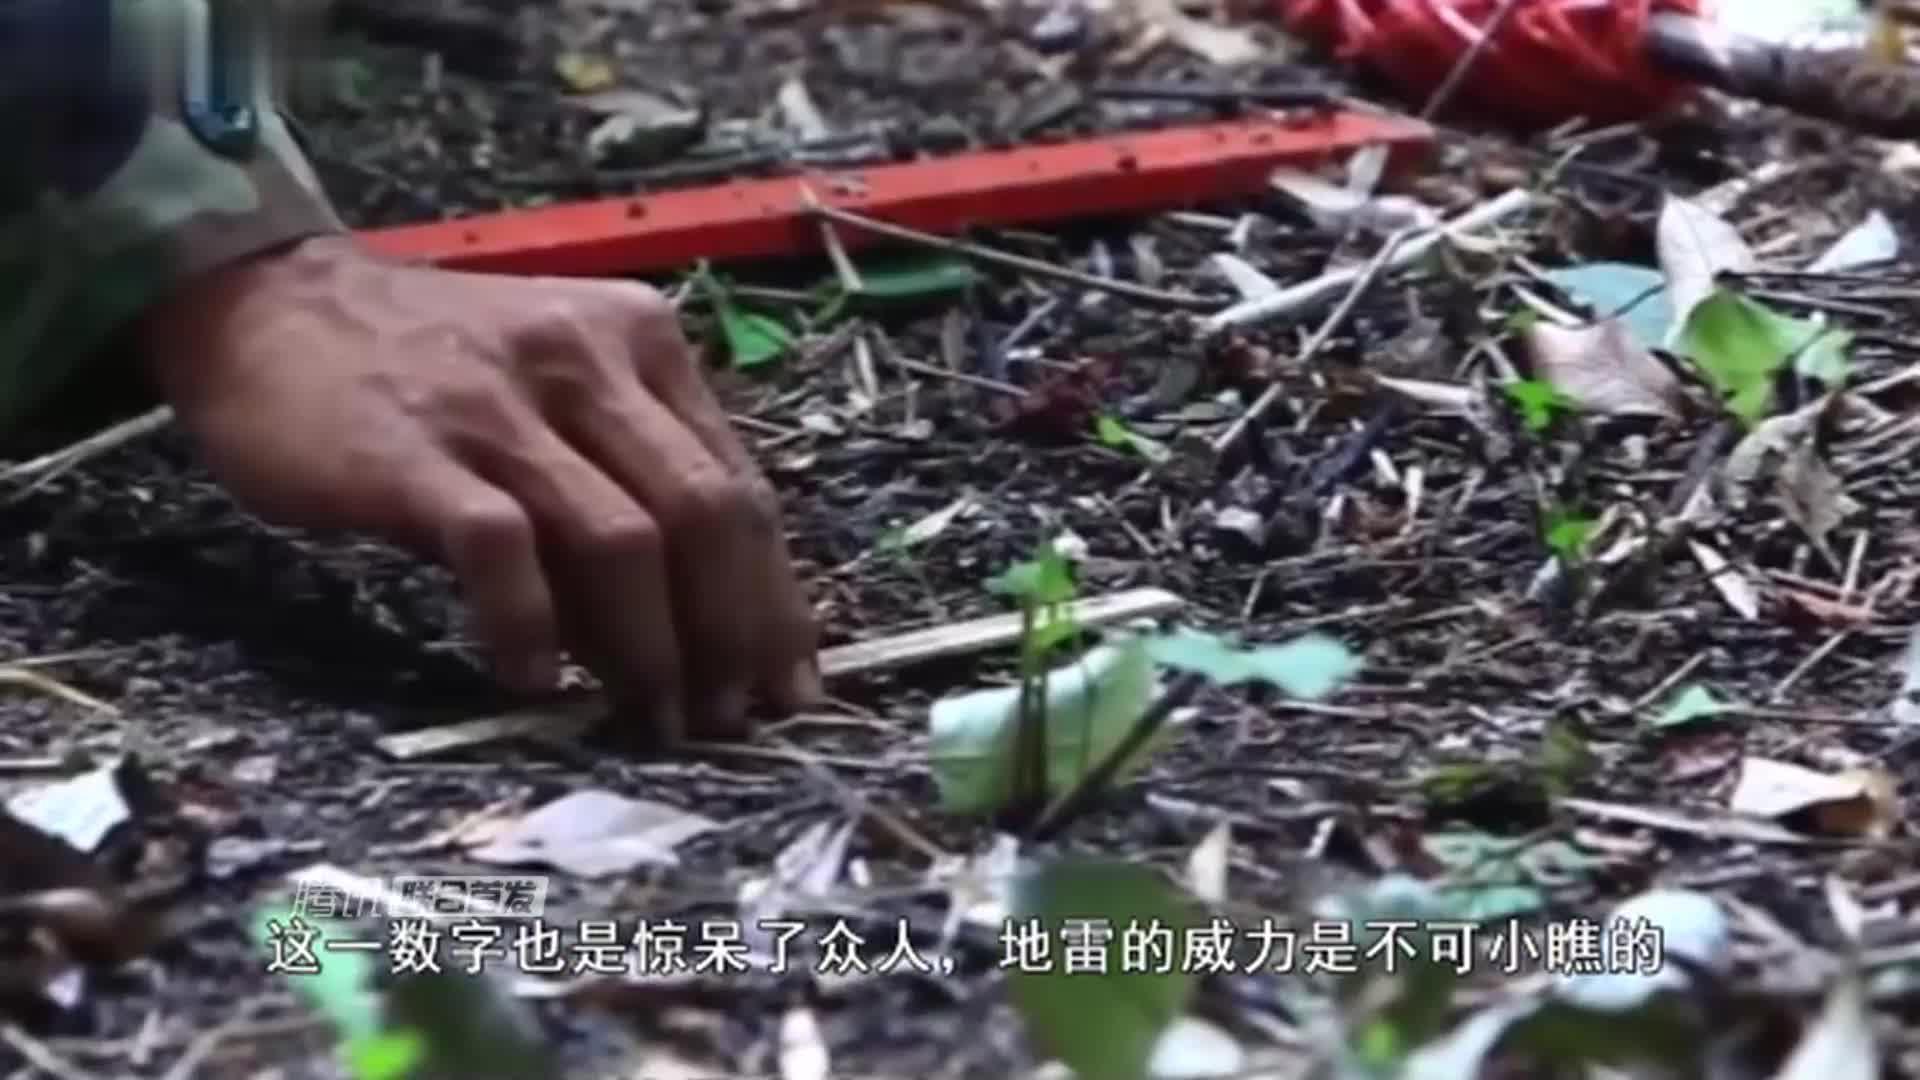 蒲公英扫雷神器电视剧中的扫雷装置被秒杀网友厉害